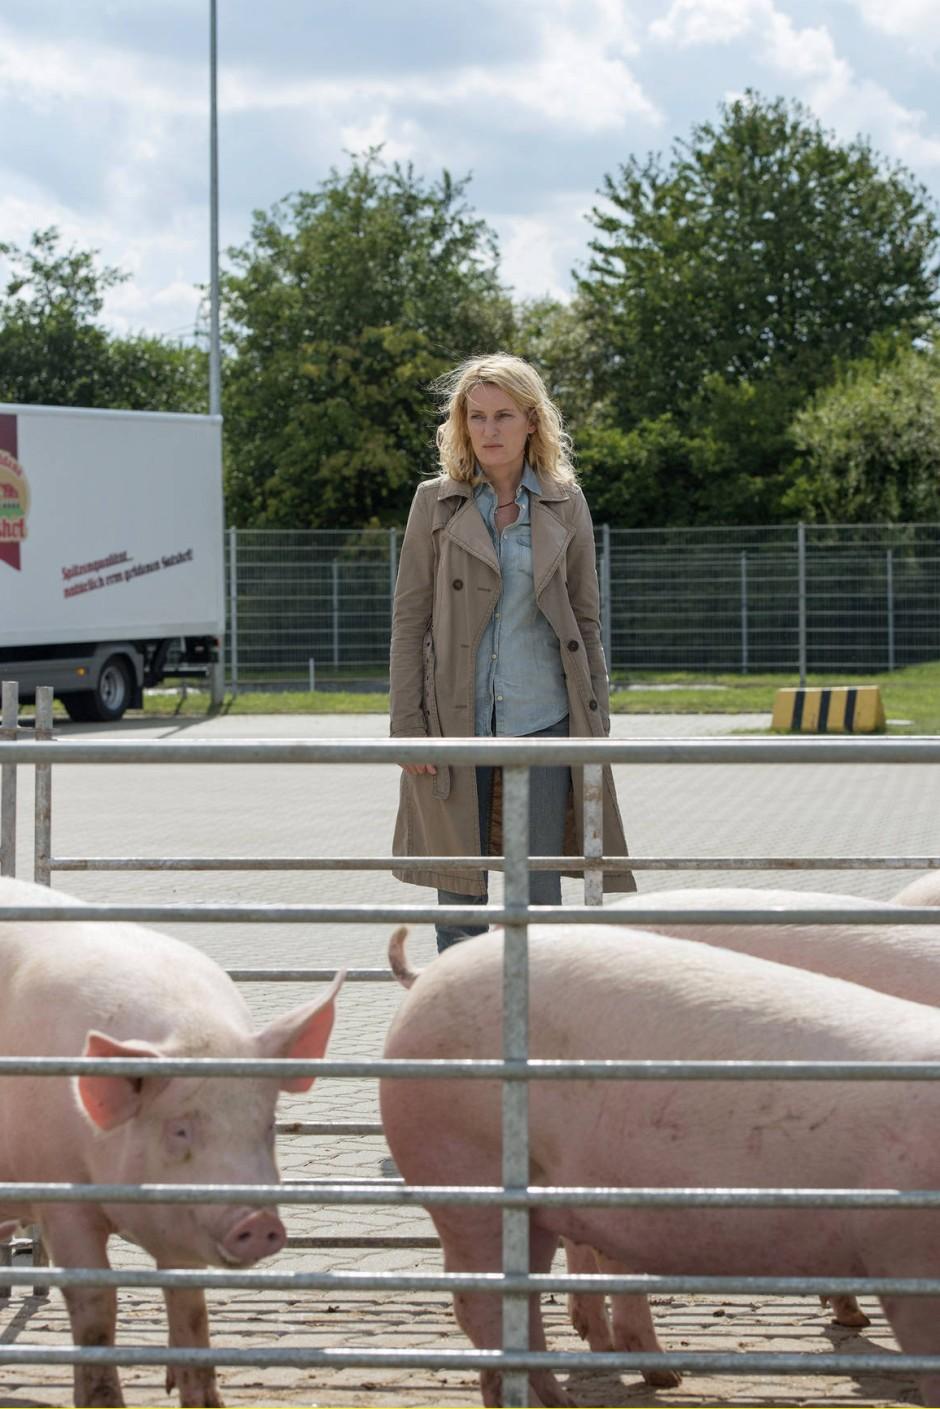 """Schlachtszenen werden in diesem """"Tatort"""" nicht gezeigt, und Kommissarin Lindholm lässt sich in einem unbedachten Moment zu der Aussage verleiten: """"Ich finde Fleisch auch spitze""""."""